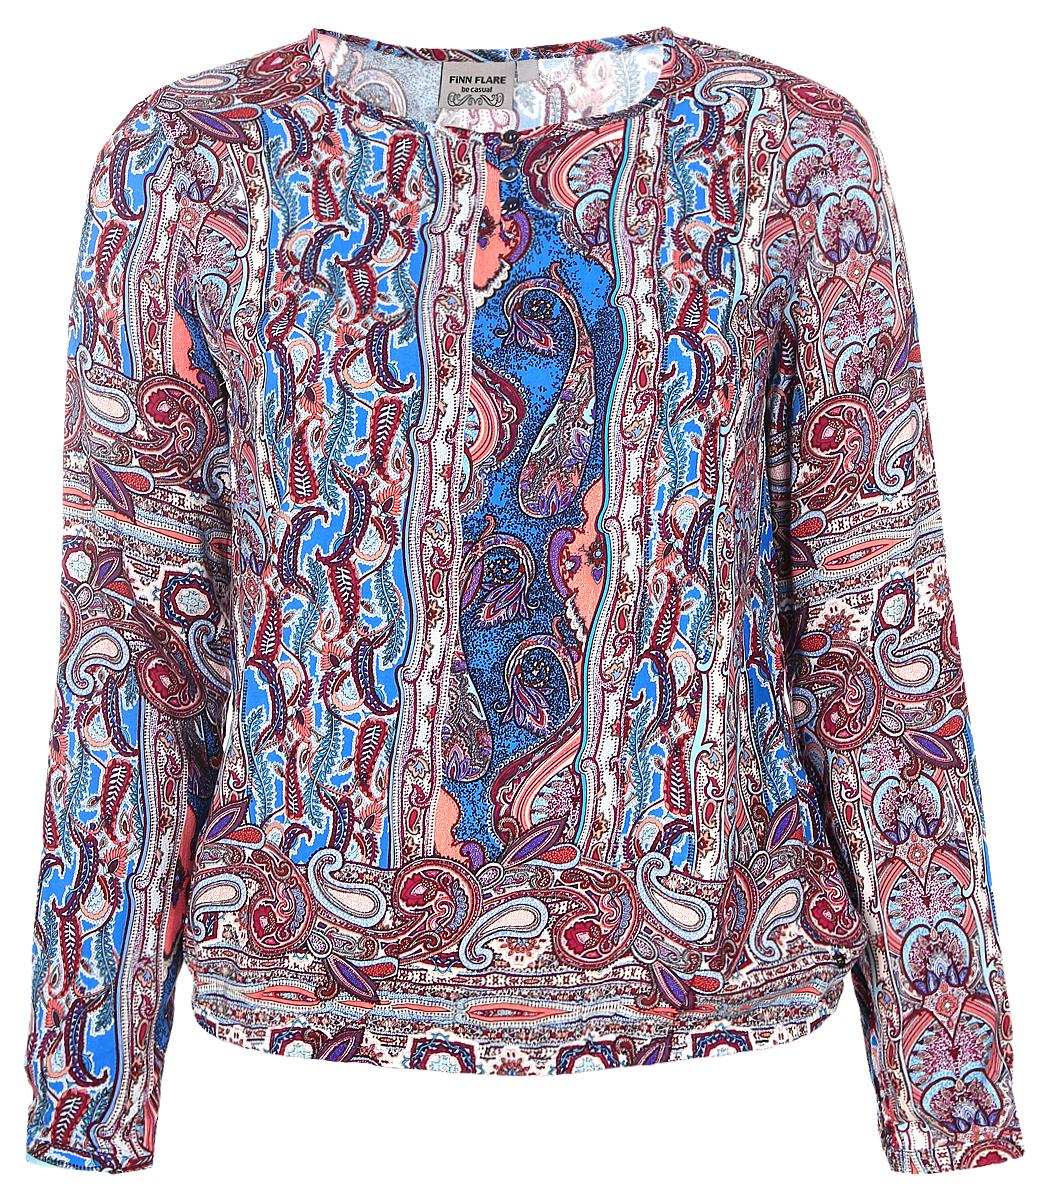 Блузка женская Finn Flare, цвет: голубой, бордовый. B17-12044_618. Размер XL (50)B17-12044_618Женская блуза Finn Flare с длинными рукавами и круглым вырезом горловины выполнена из натуральной вискозы. Блузка имеет свободный крой и застегивается на три пуговицы на груди. Манжеты рукавов также застегиваются на пуговицы. Низ блузки дополнен эластичной резинкой. Изделие оформлено ярким этническим принтом.